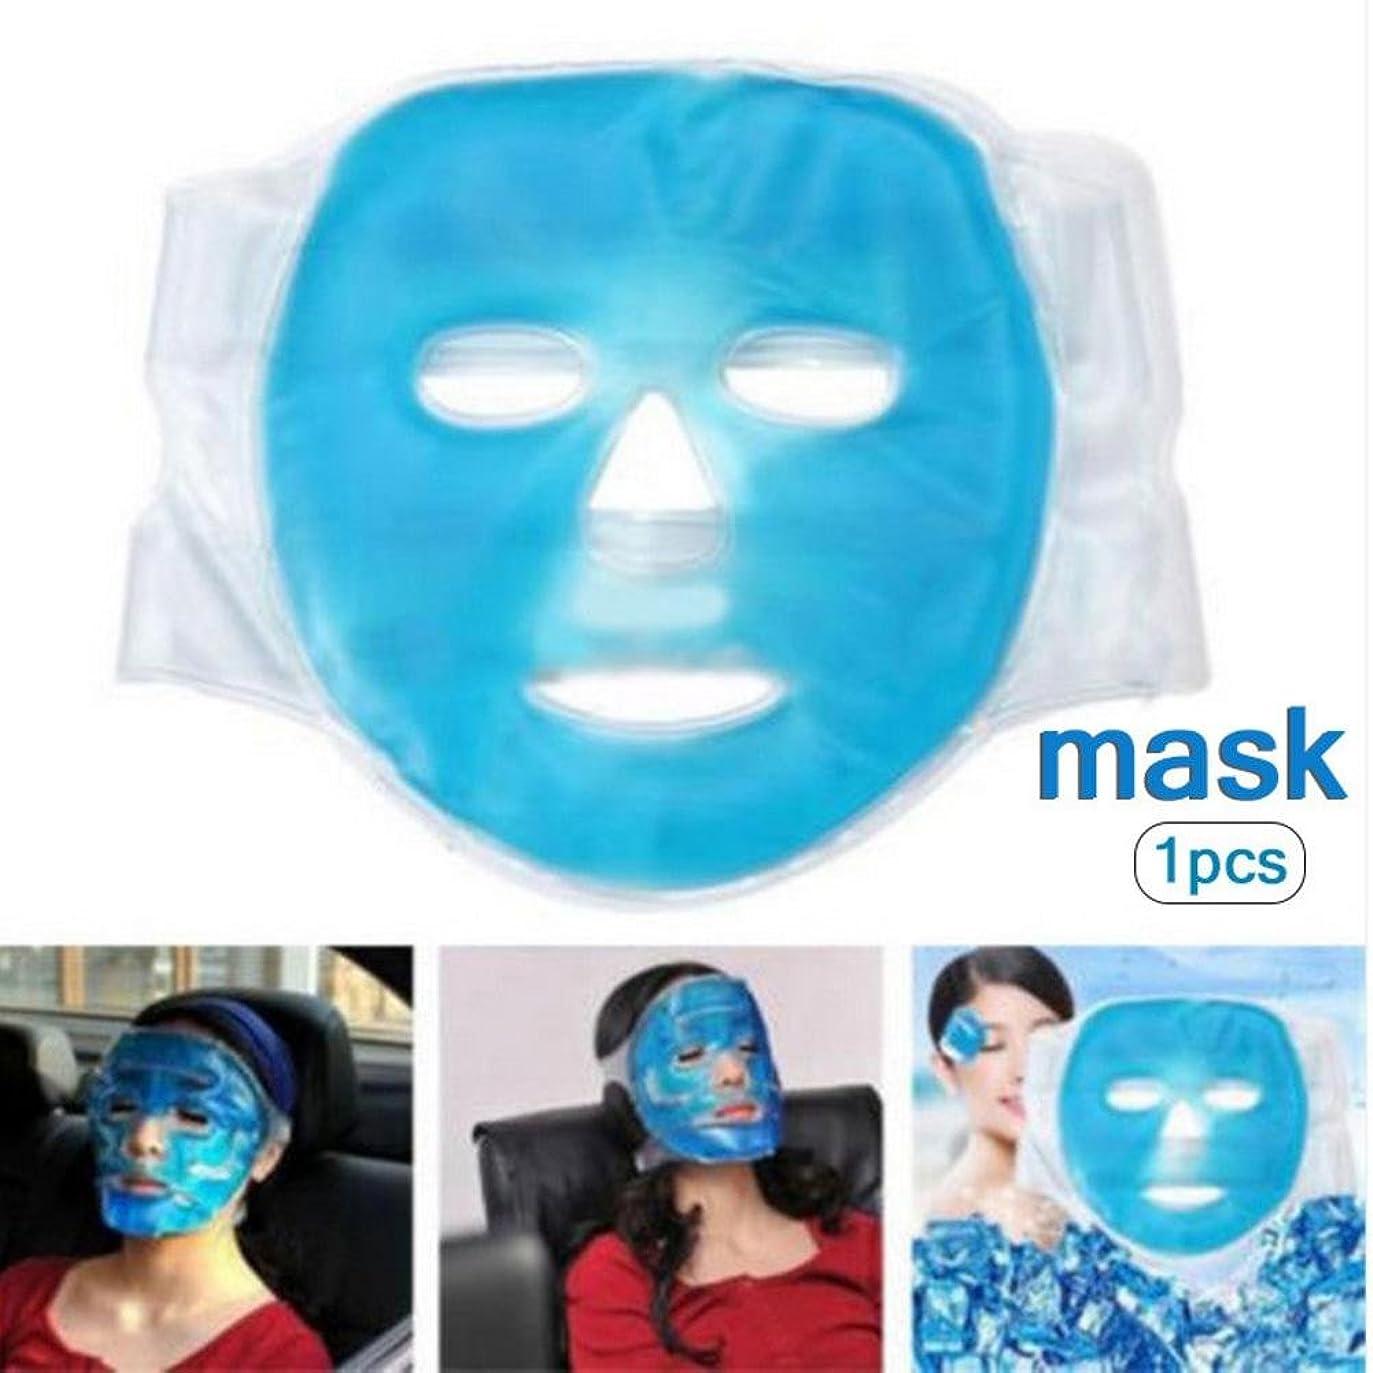 苦違反速記SILUN フェイスマスク 冷温兼用 美容用 再利用可能 毛細血管収縮 肌ケア 保湿 吸収しやすい 美容マッサージ アイスマスク